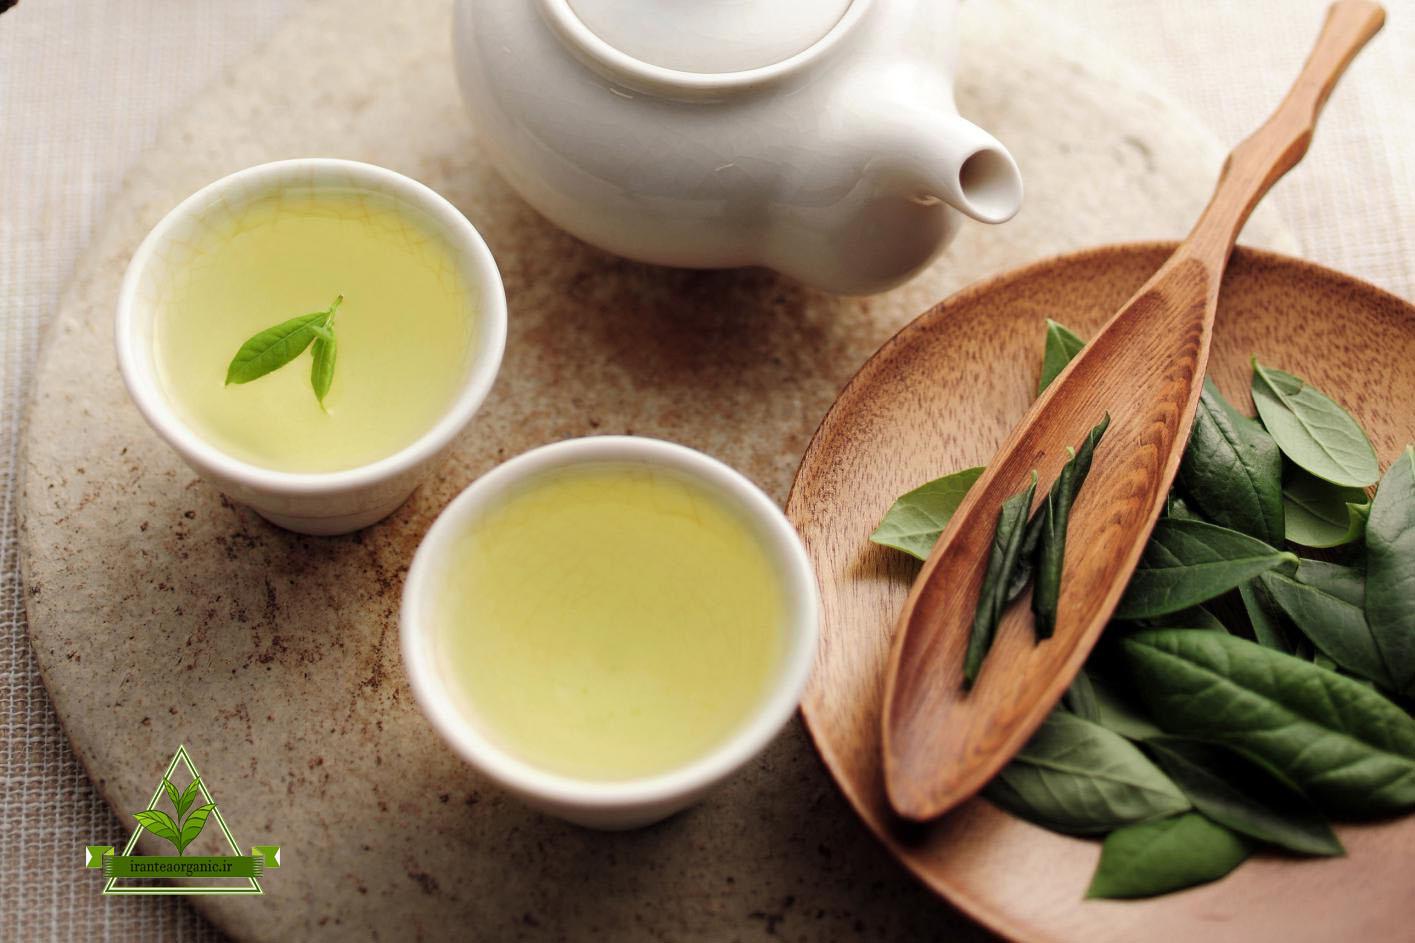 فروش انواع چای سبز اصل